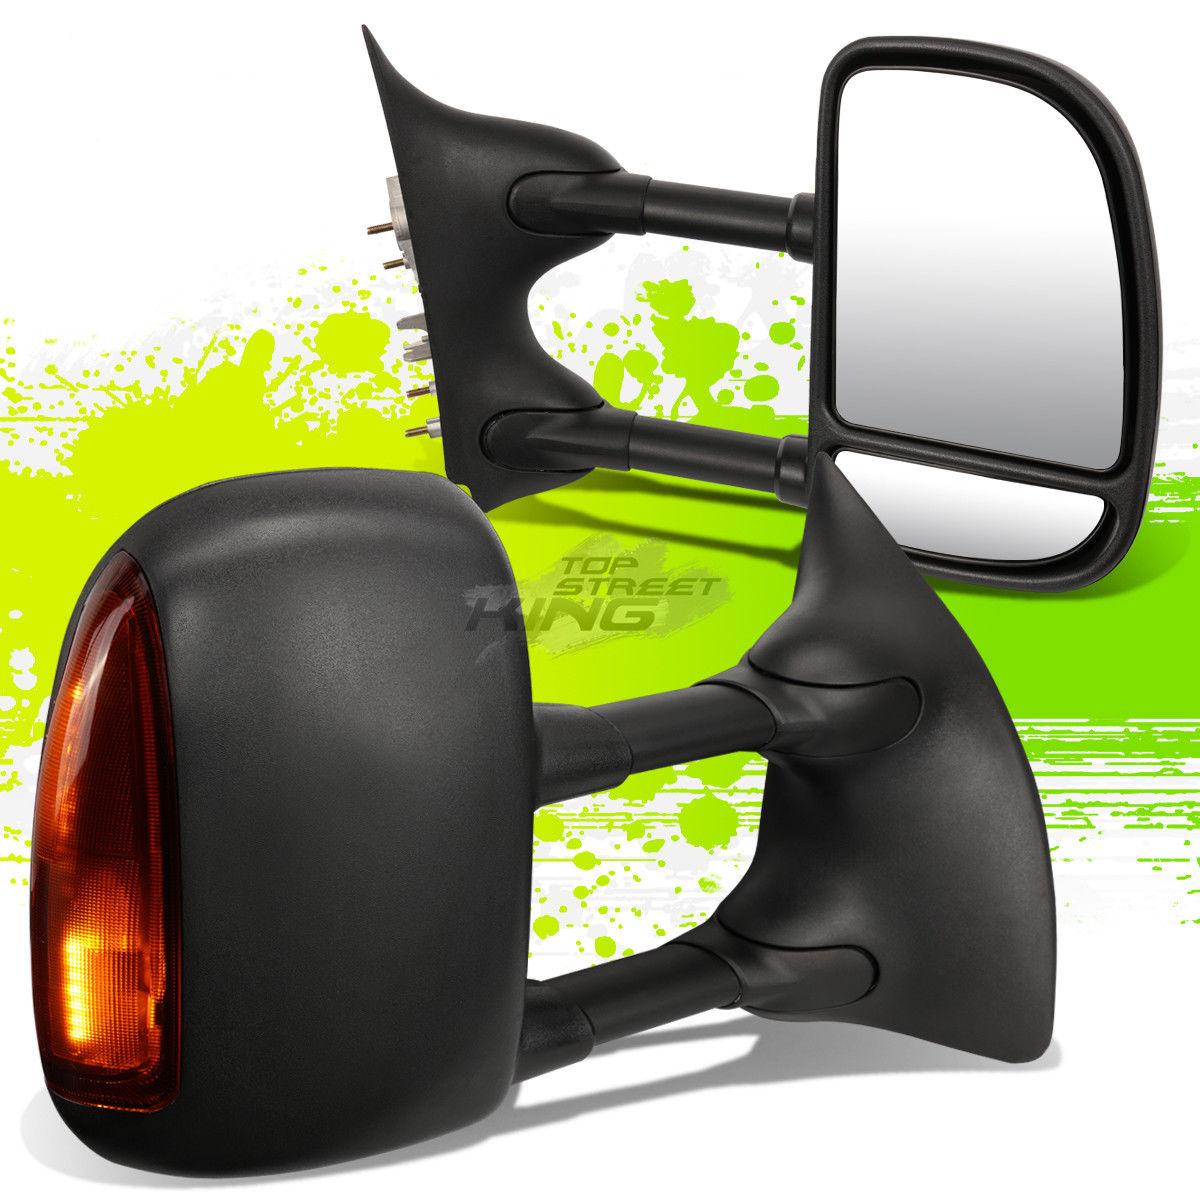 ミラー FOR 99-07 SUPERDUTY ADJUSTABLE MANUAL EXTENDABLE+LED SIGNAL TOWING SIDE MIRROR 99-07のための超高精度調整可能な拡張可能+ LED信号灯サイドミラー